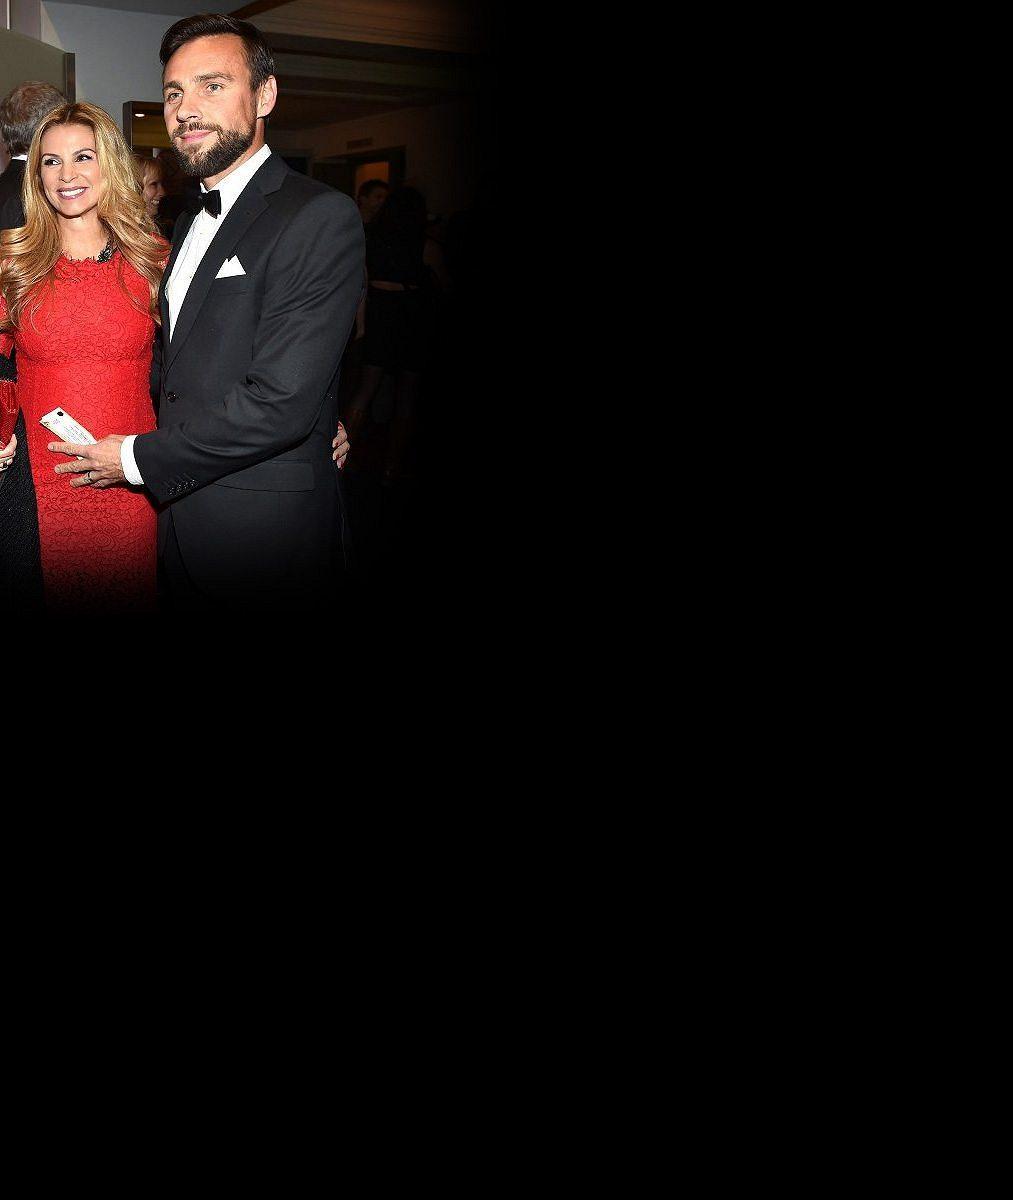 Tohle nikdo nečekal: Roman Vojtek opustil měsíc před porodem těhotnou manželku, s níž čeká syna